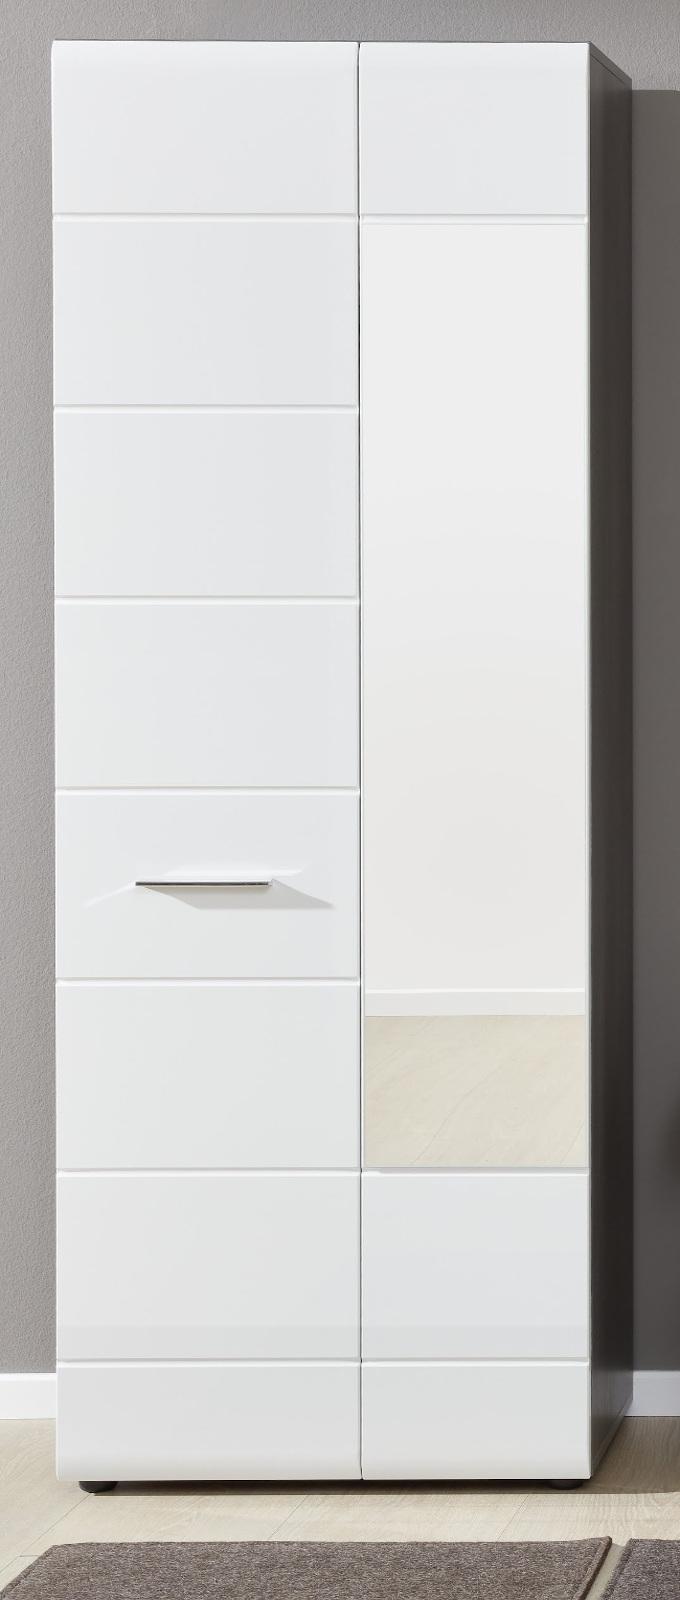 Kleiderschrank Regalschrank Eiche sägerau Gamijo5 - Designermöbel ...